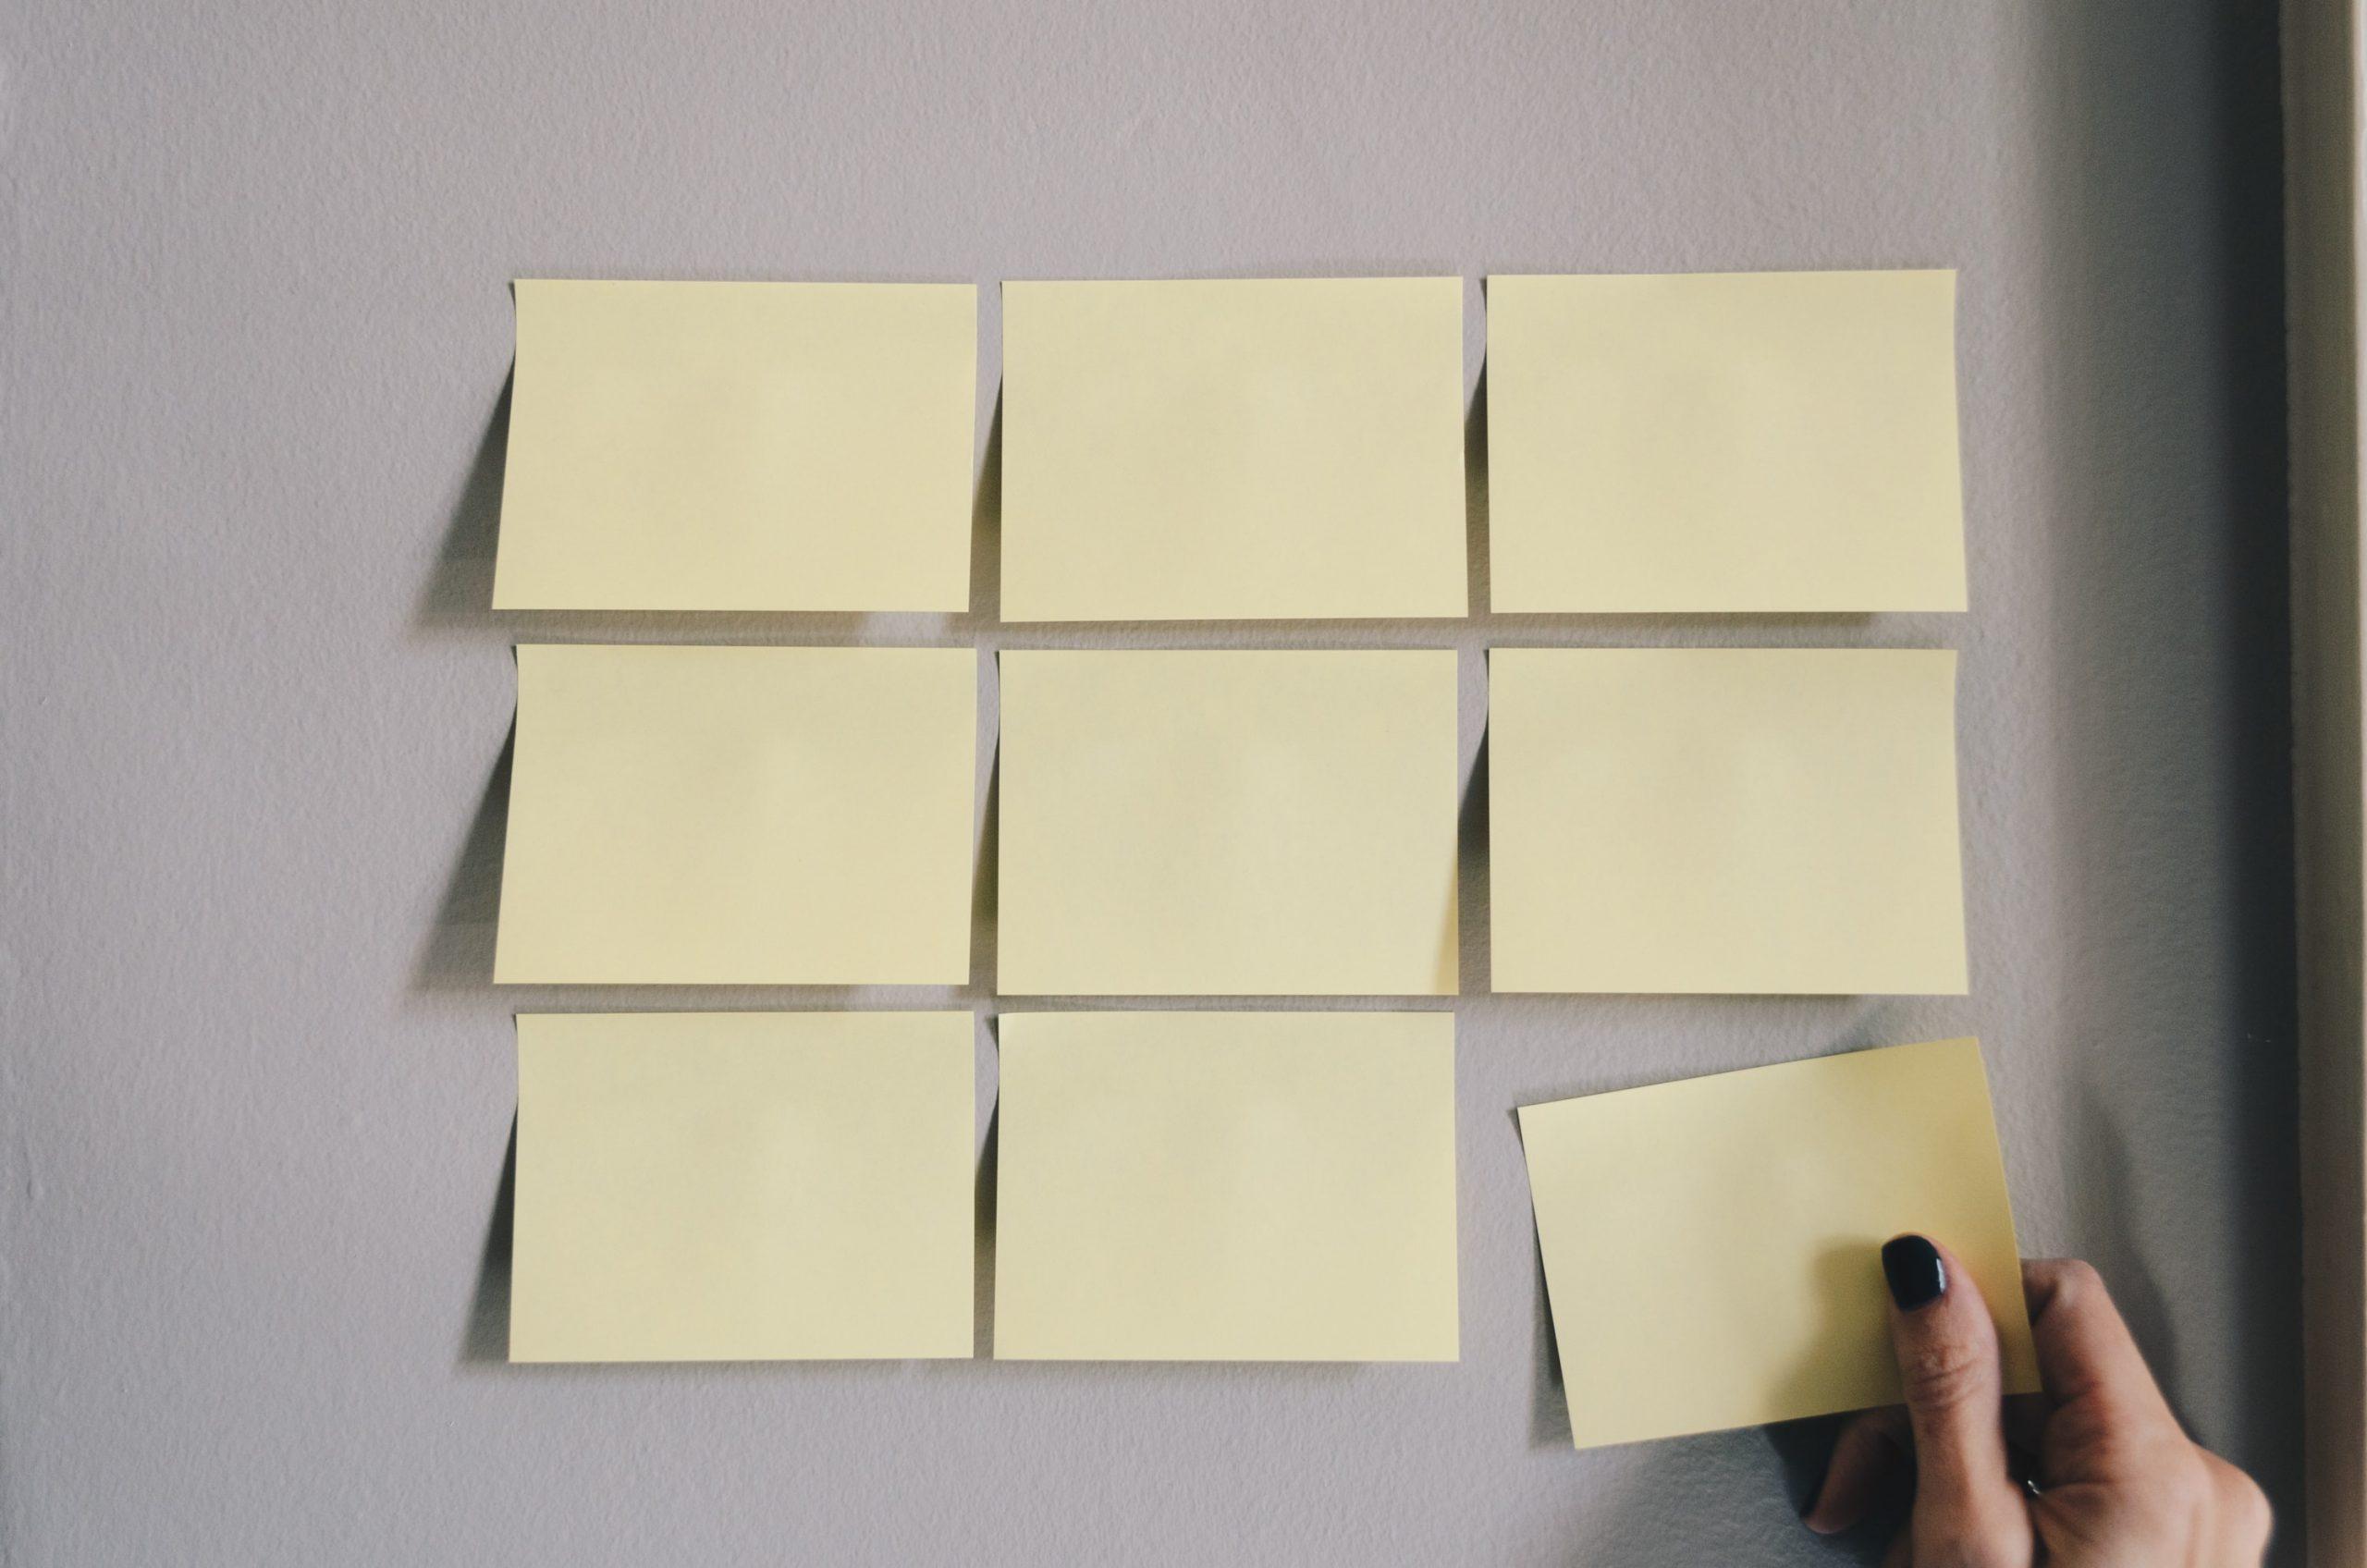 riorganizzazione del lavoro: dei post-it attaccati in righe e colonne, in disposizione ordinata.